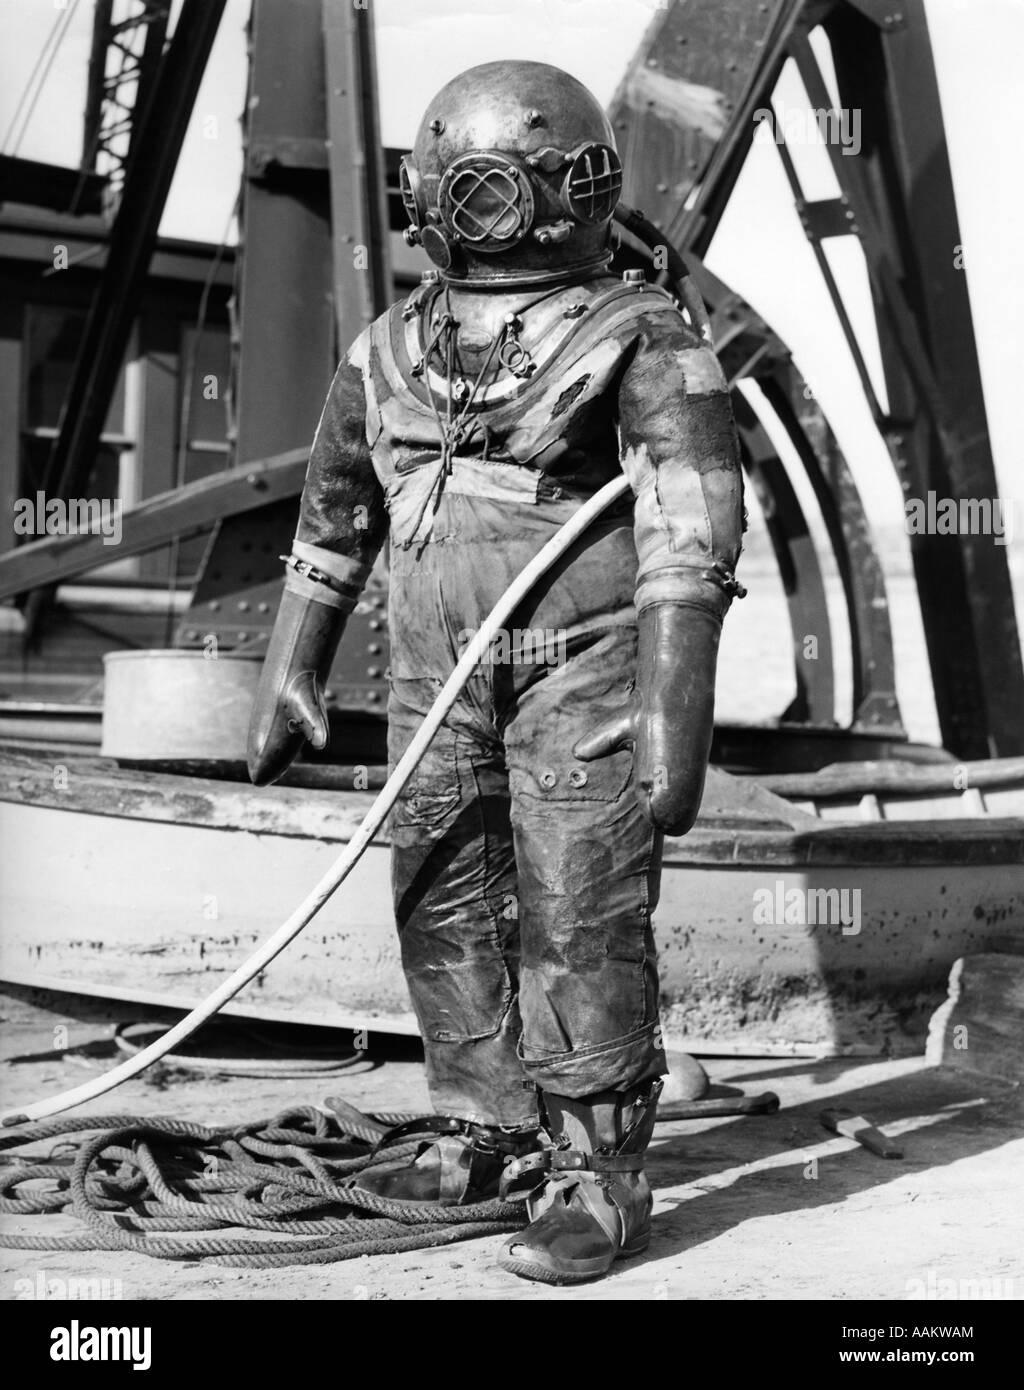 1930S 1940S VOLLSTÄNDIGE ABBILDUNG DES MENSCHEN IN UNTERWASSER HARTEN HUT DEEP SEA DIVING SUIT Stockfoto